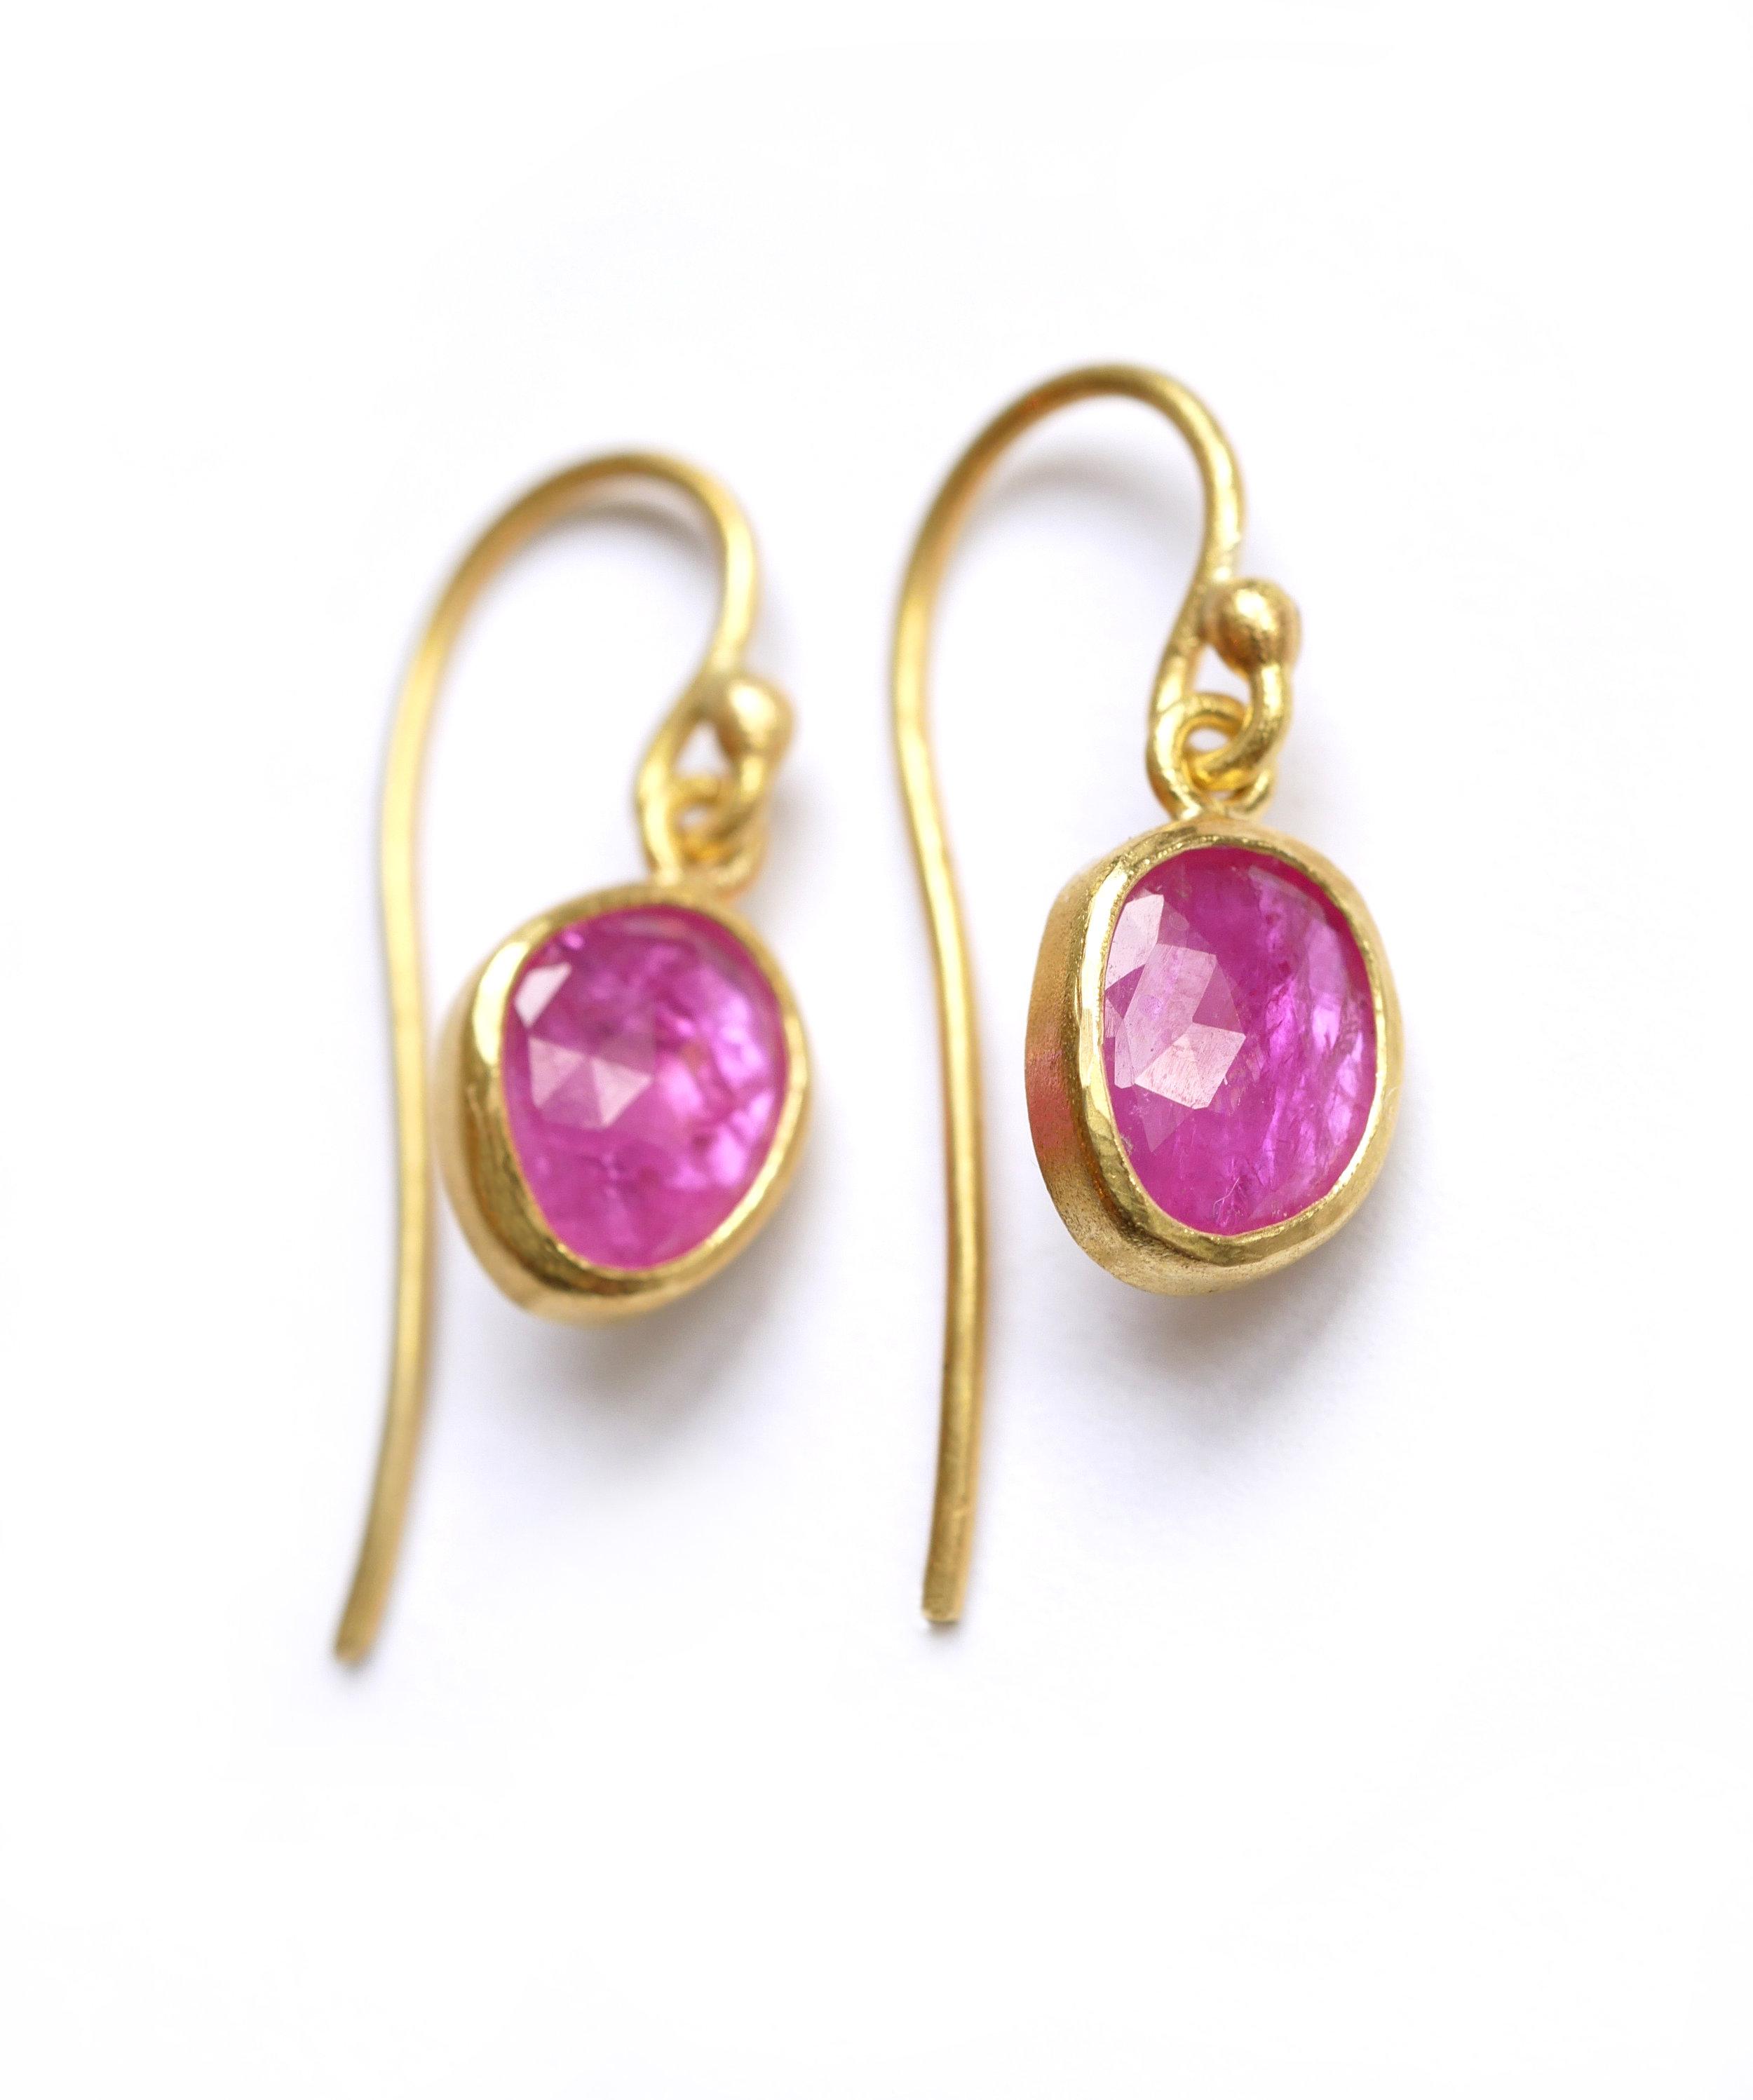 earrings_pinkruby2.jpg